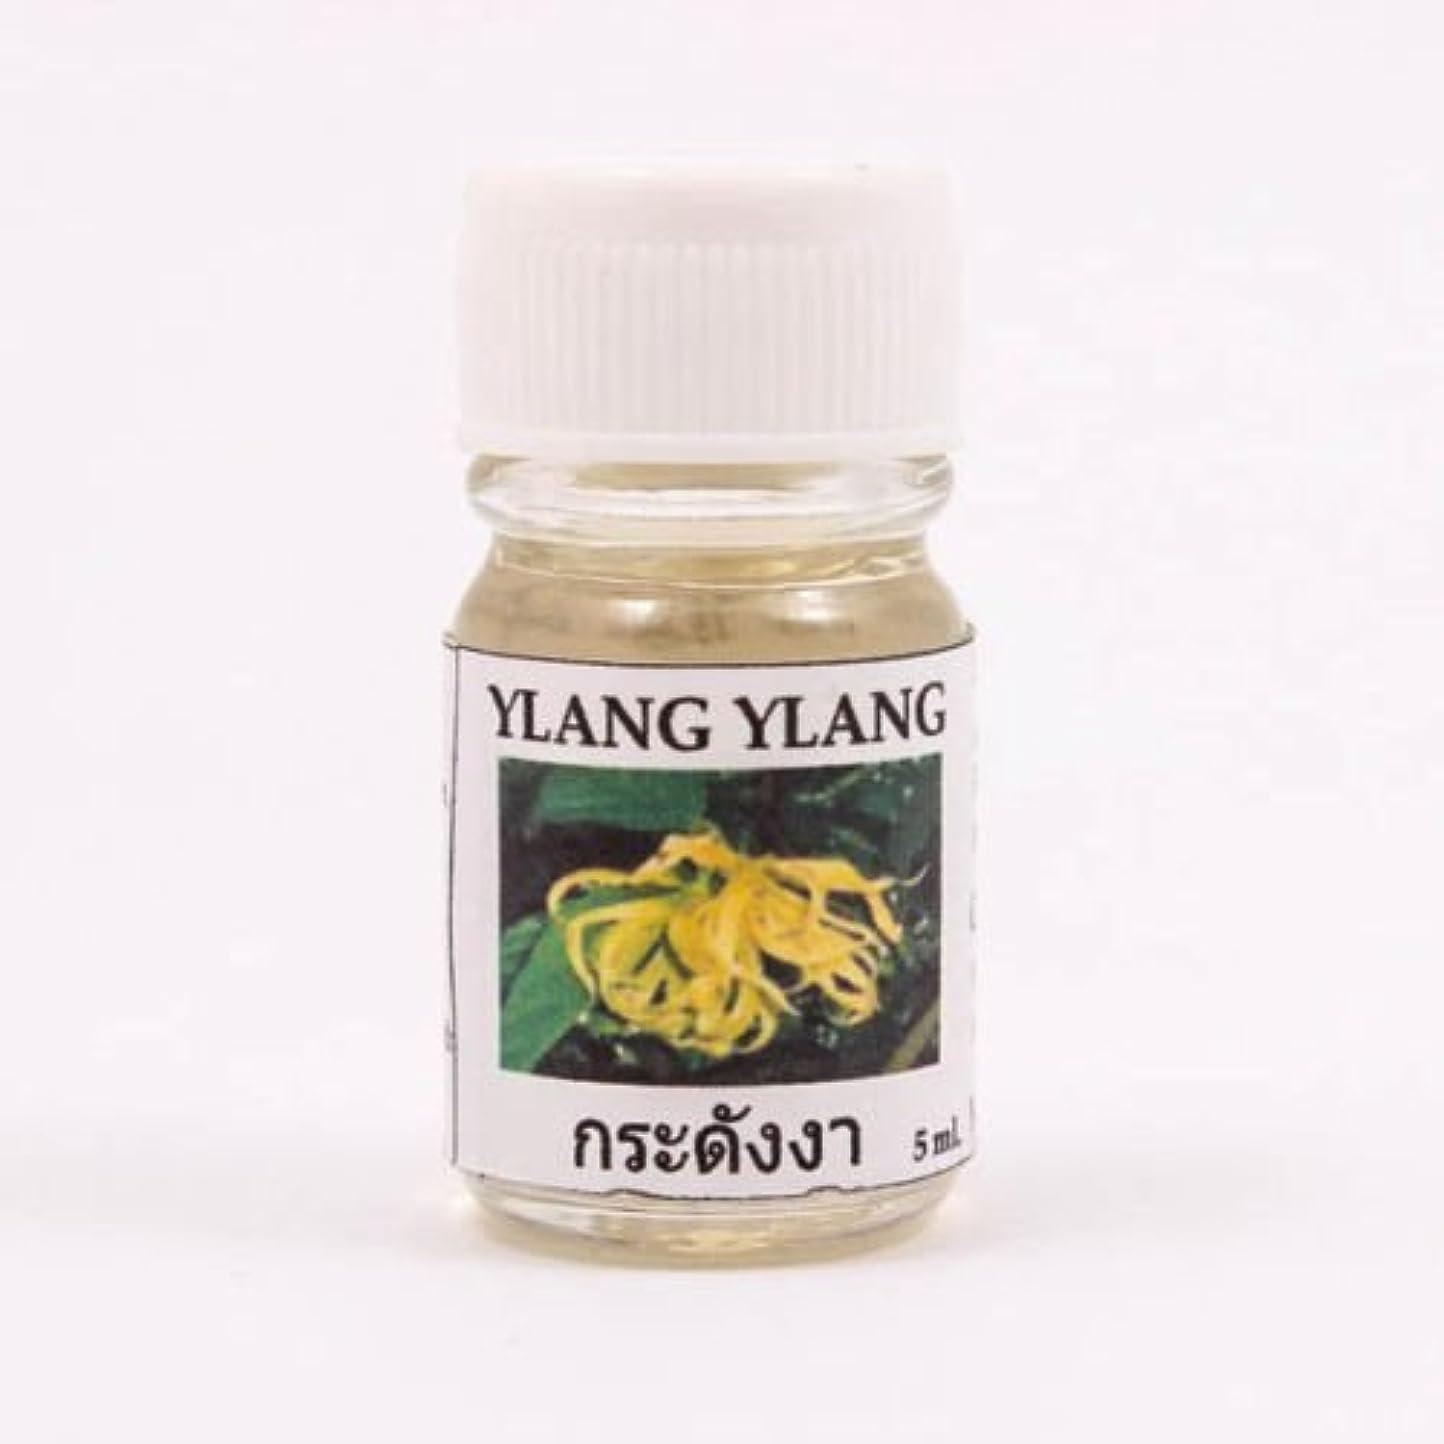 信じられない連続的せせらぎ6X Ylang Ylang Fragrance Essential Oil 5ML. (cc) Diffuser Burner Therapy